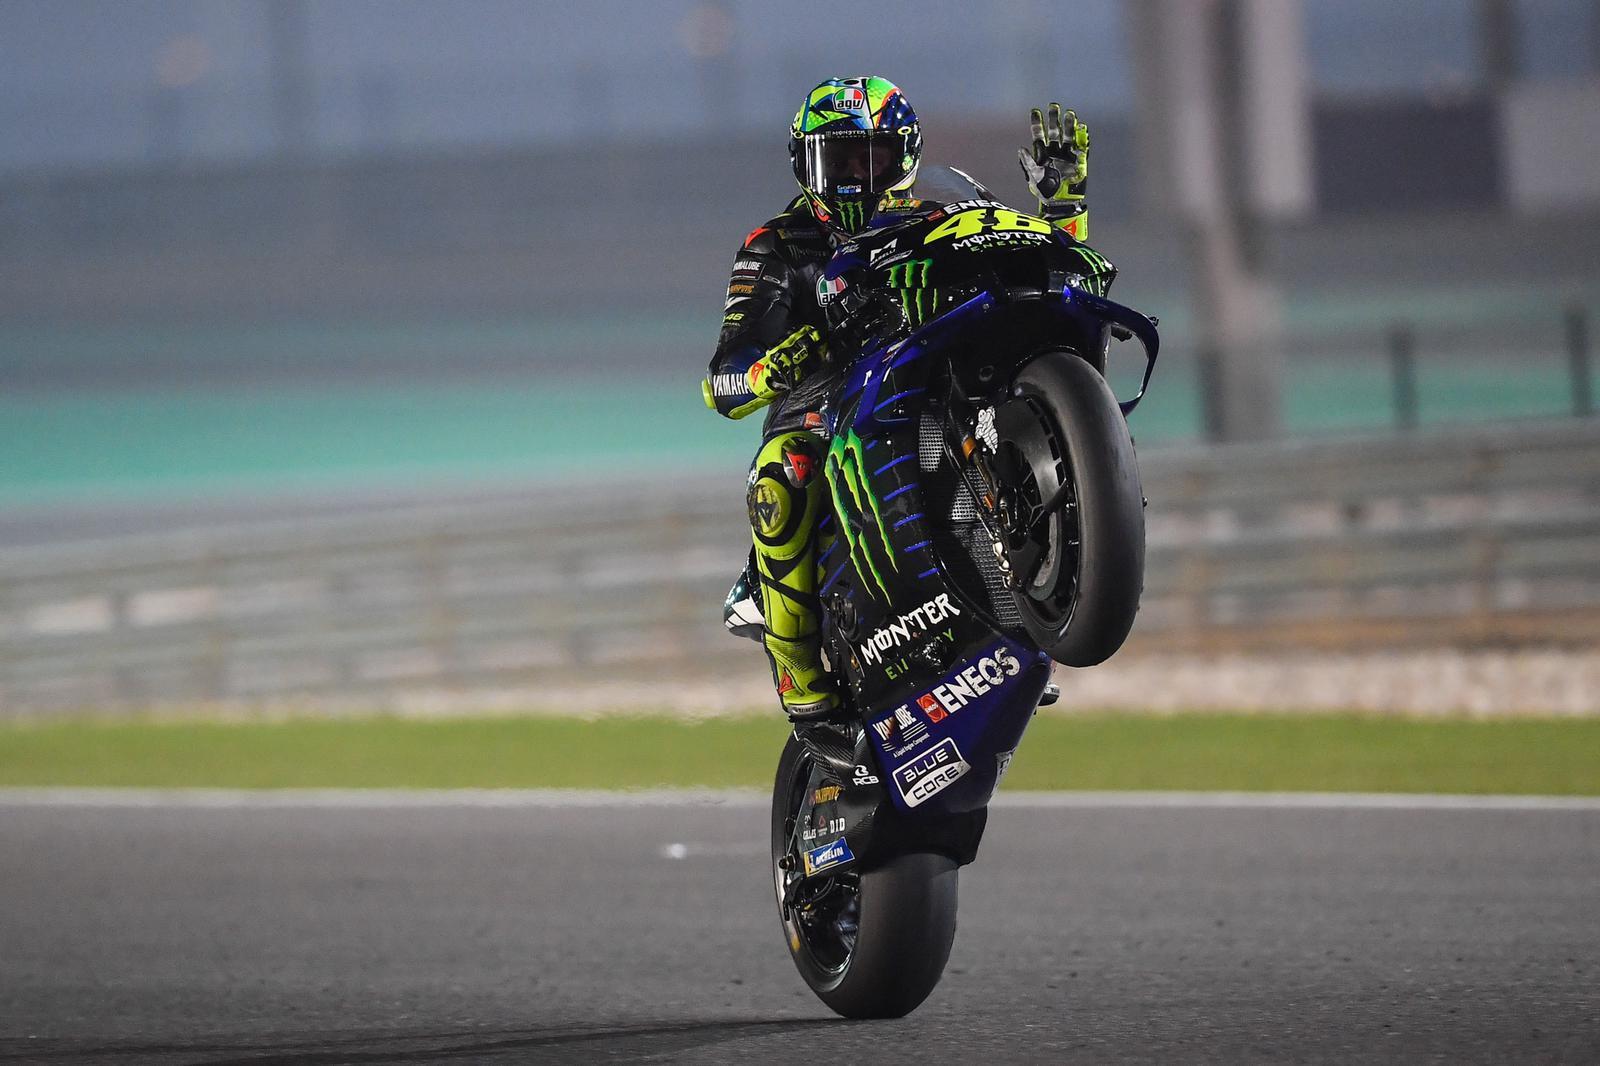 Valentino Rossi saat tes pramusim di Sirkuit Losail, Qatar